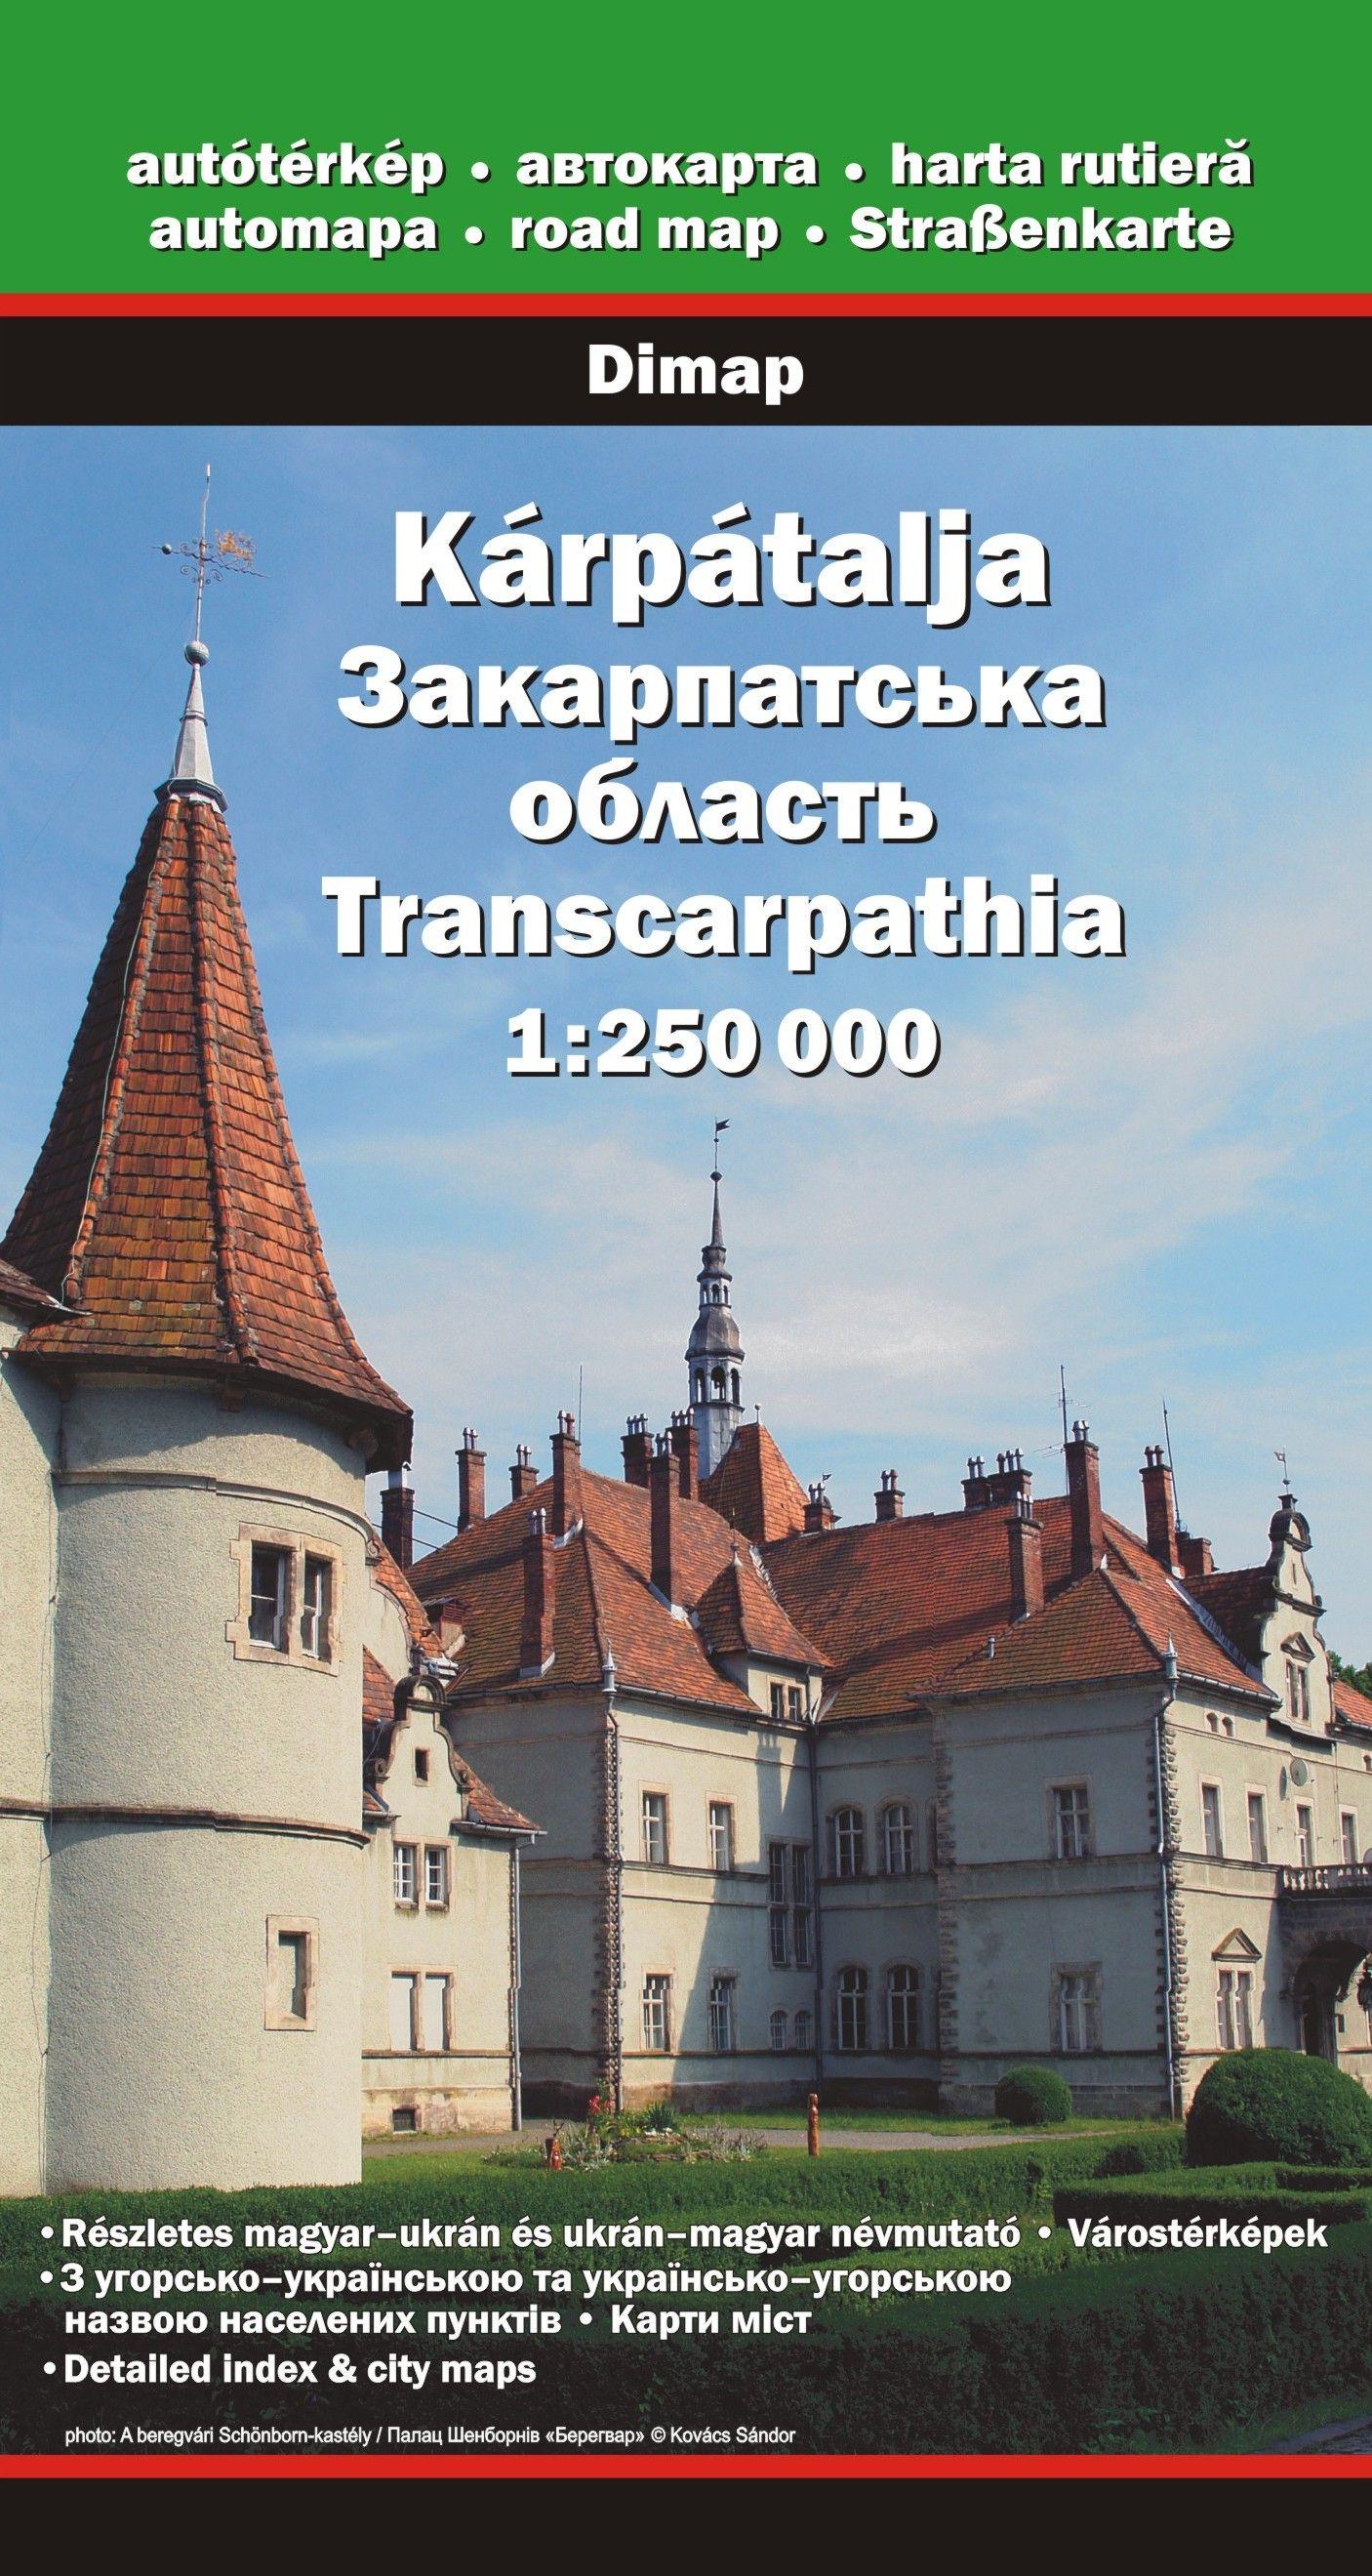 Történelmi magyar nevekkel, Beregszász, Ungvár, Husztés Munkács várostérképpel